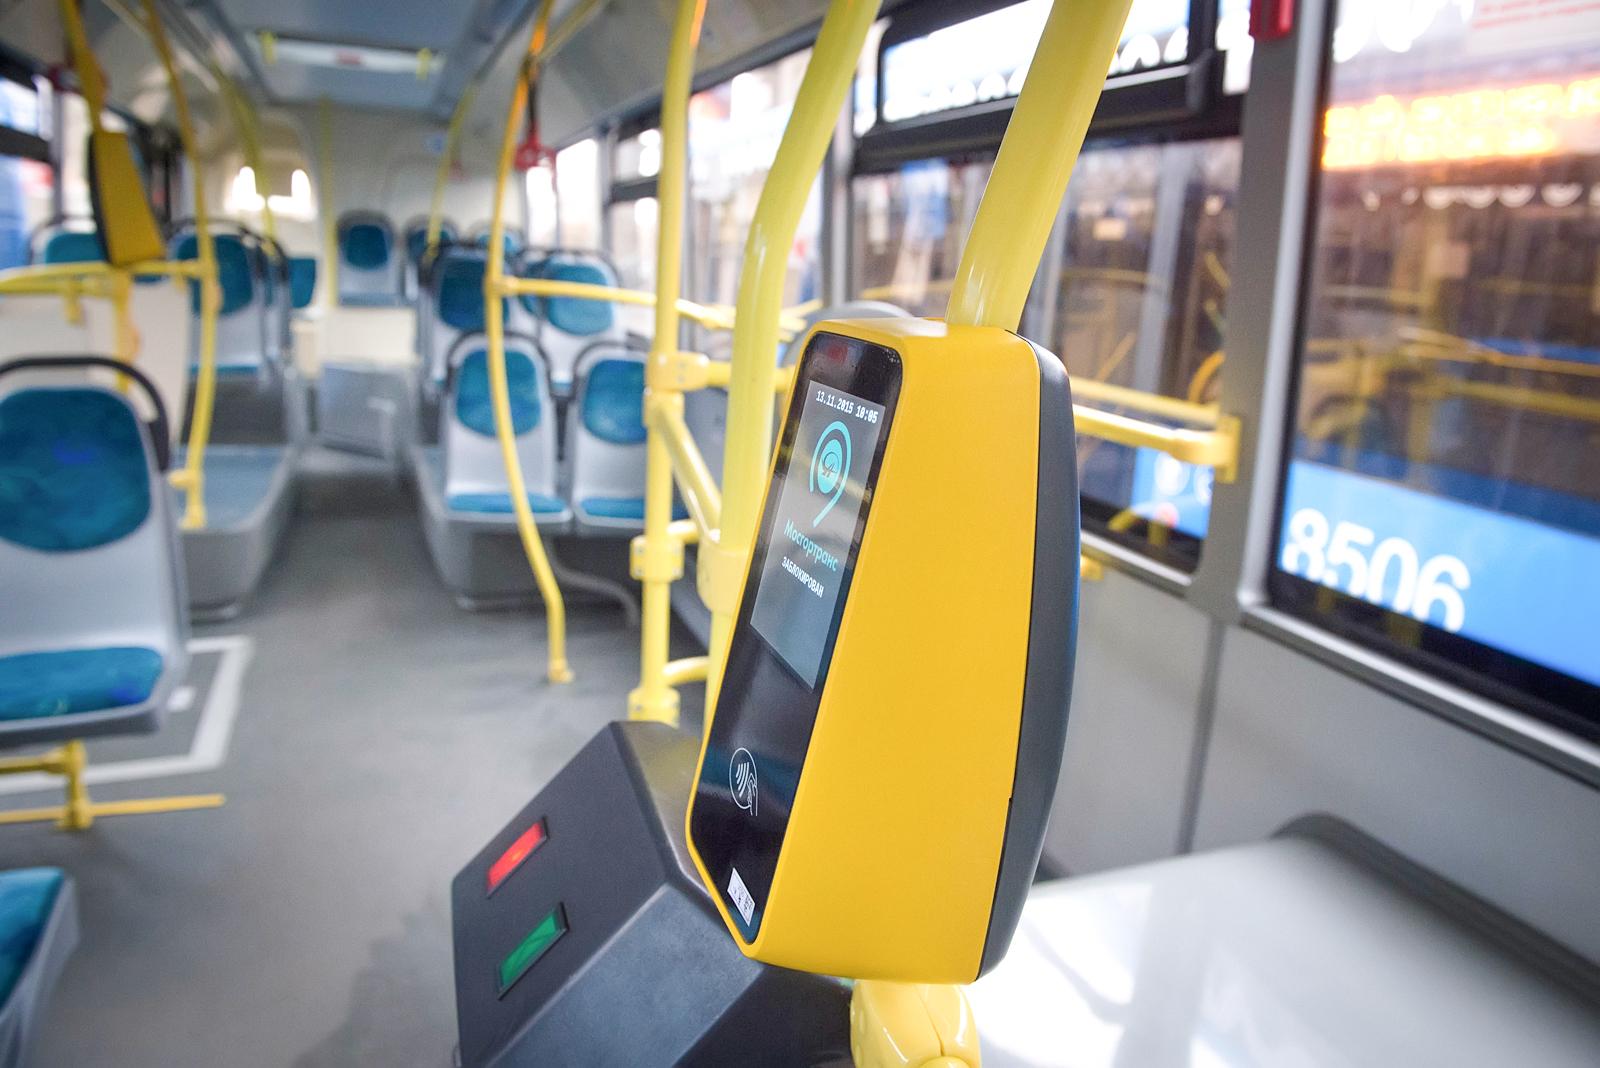 Дорога проб и ошибок: кому доверят автоматизацию оплаты проезда в общественном транспорте?